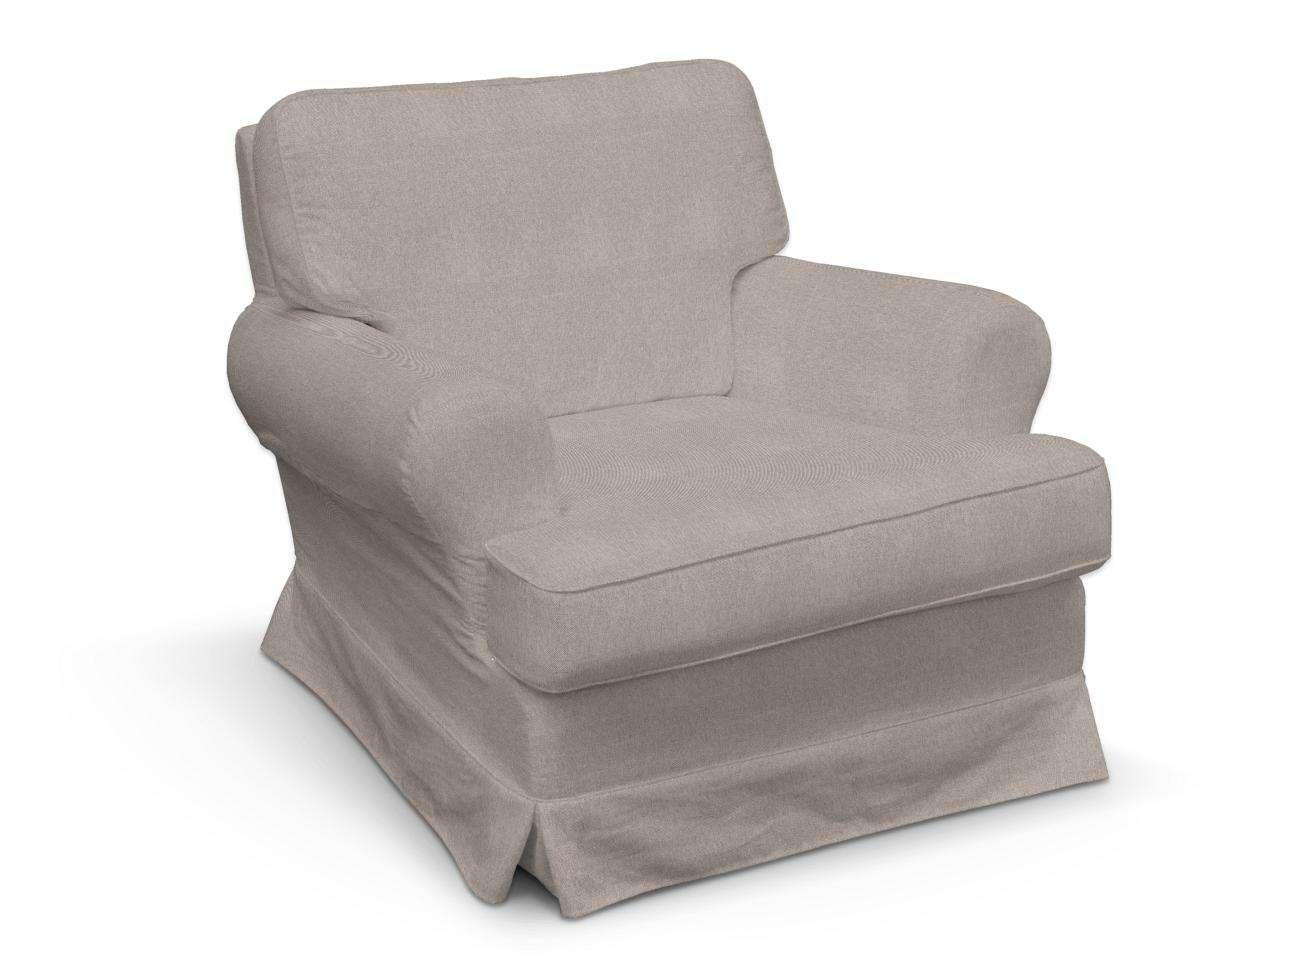 Pokrowiec na fotel Barkaby w kolekcji Etna , tkanina: 705-09